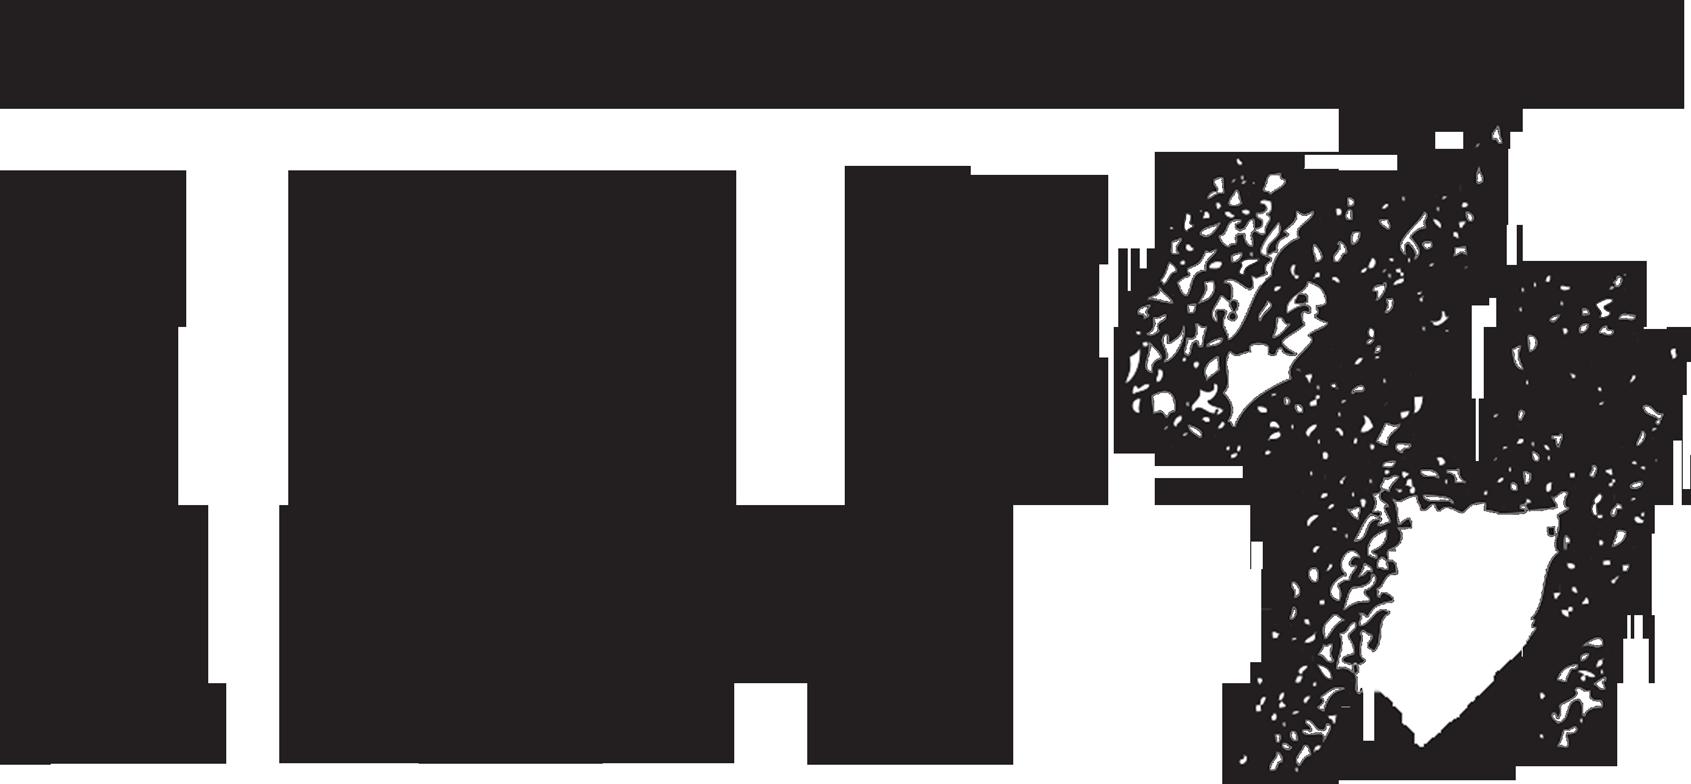 Asocijacija nezavisnih intelektualaca KRUG 99 Sarajevo